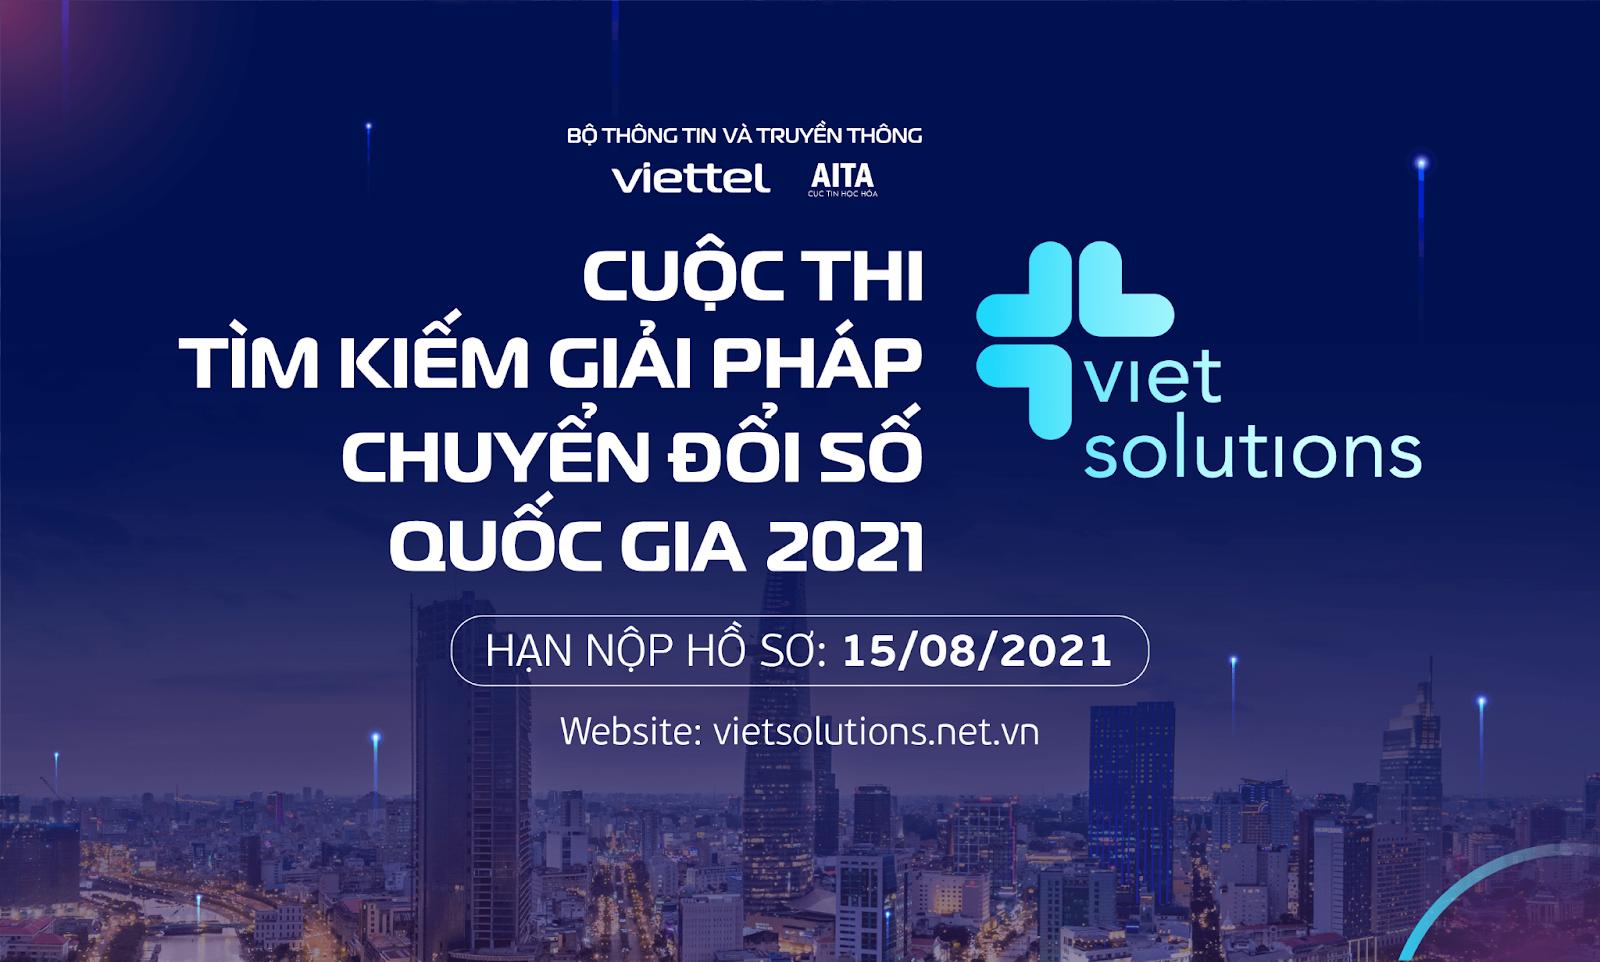 Viet Solutions 2021 - Cuộc thi tìm kiếm giải pháp Chuyển đổi số quốc gia